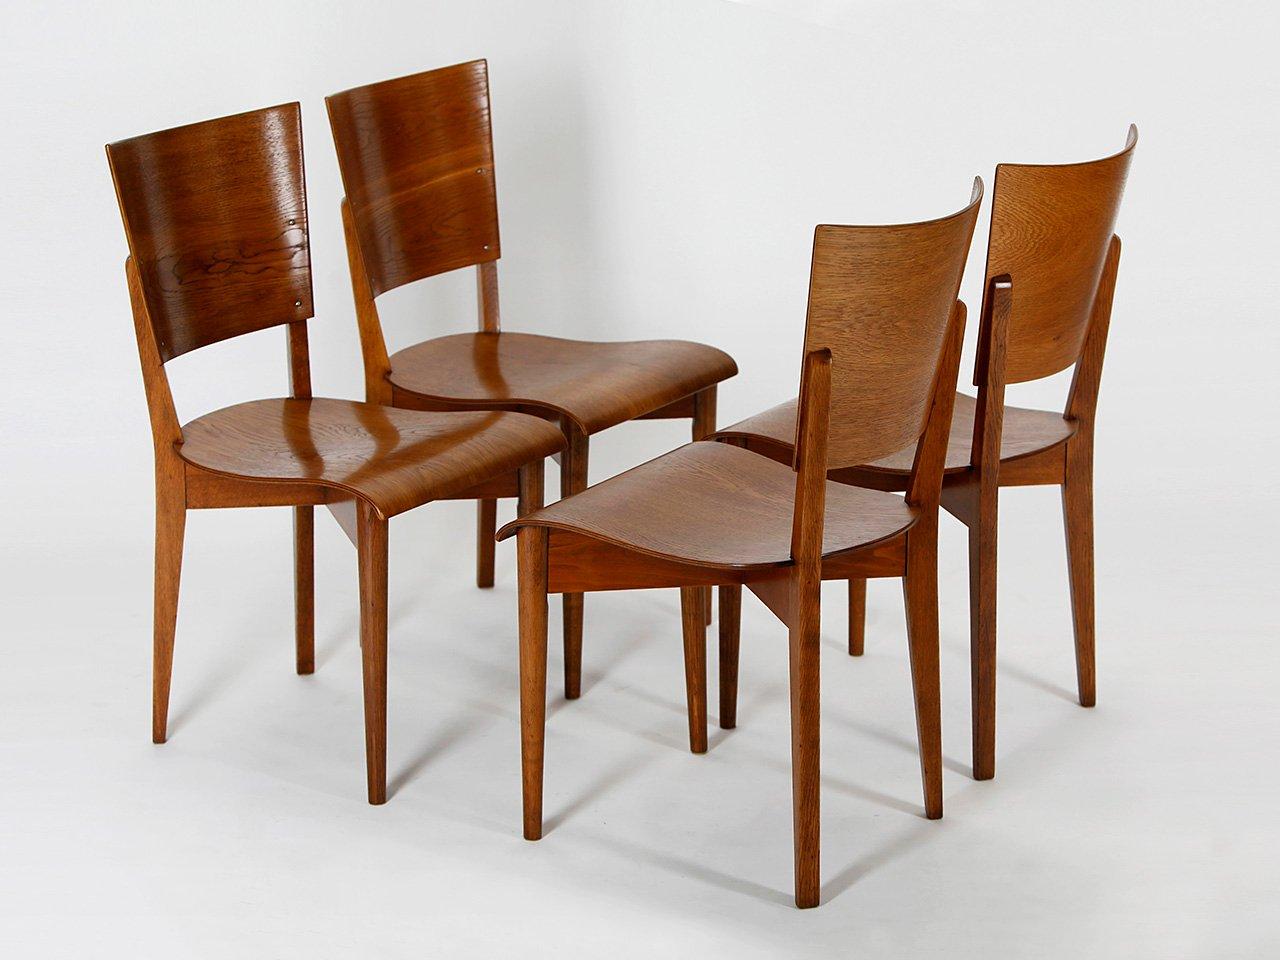 chaises de salle manger model h 59 par jindrich halabala pour up zavody 1930s set de 4 en. Black Bedroom Furniture Sets. Home Design Ideas